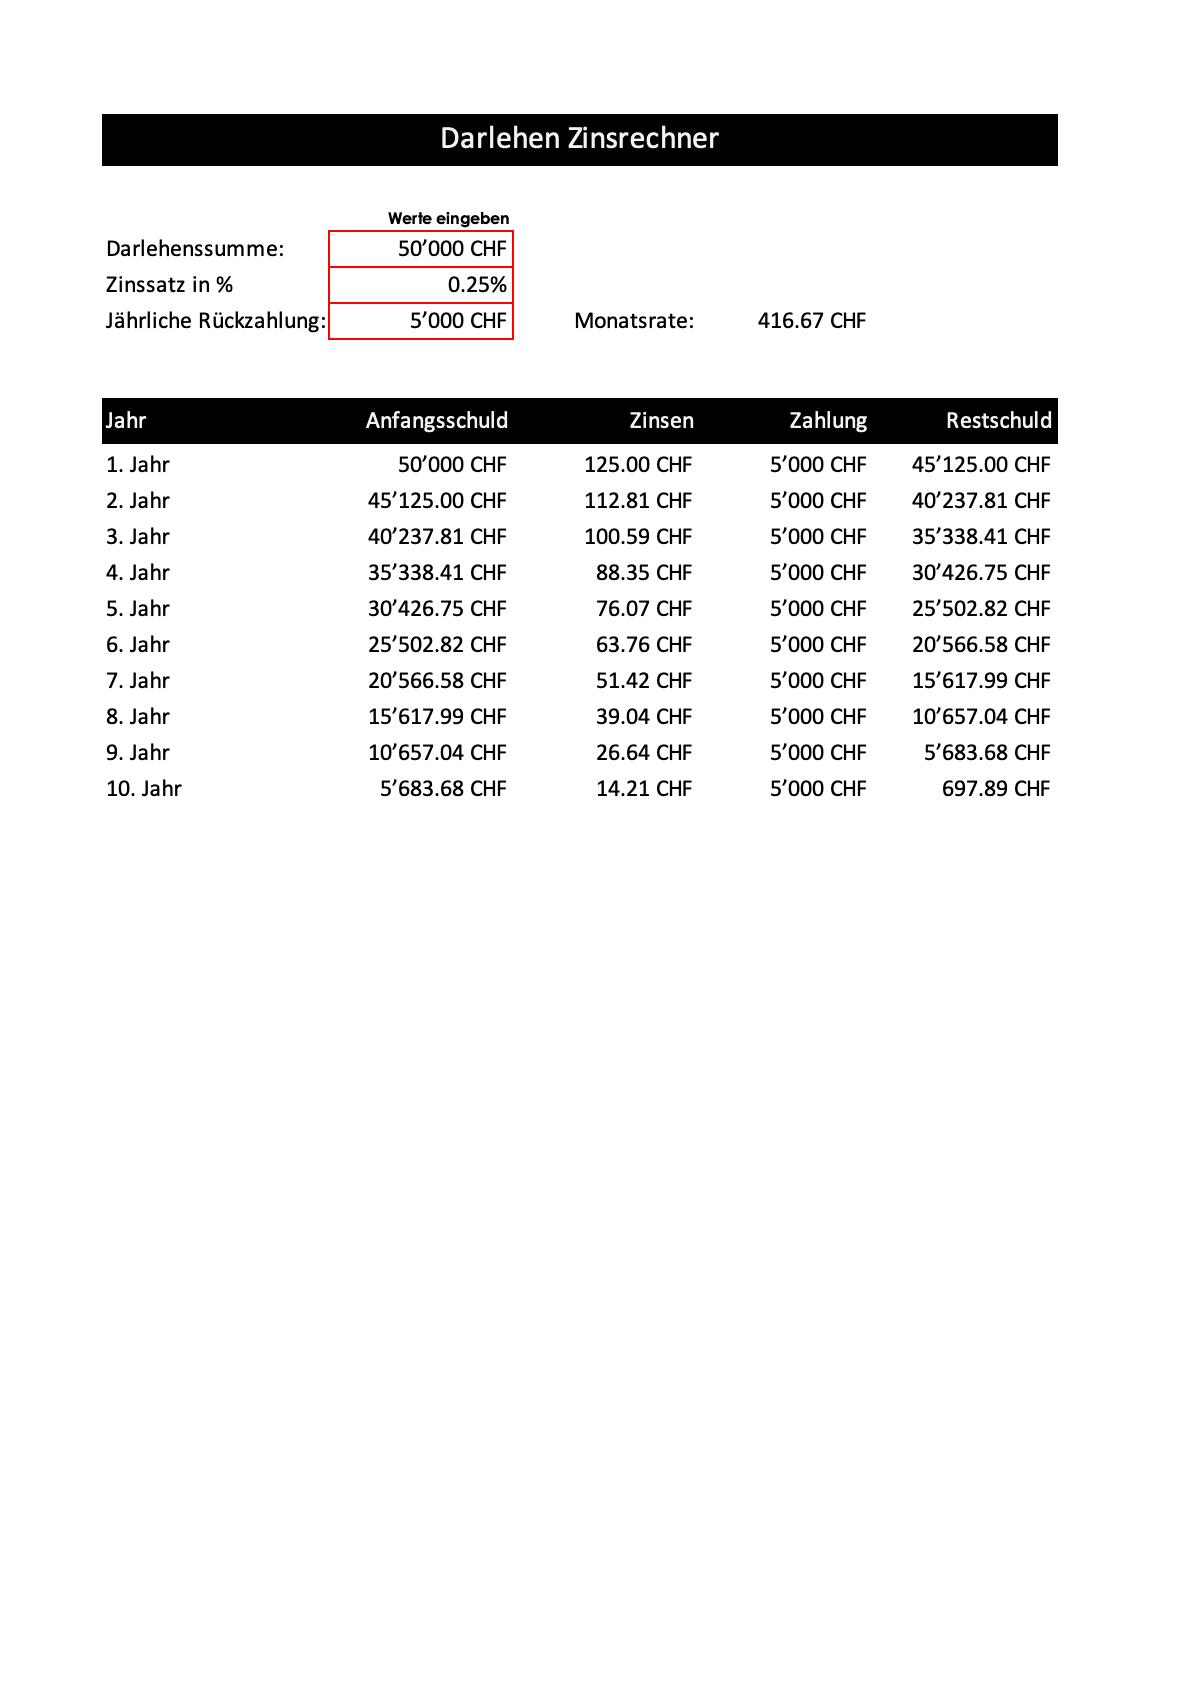 Excel Zinsrechner für das Darlehen